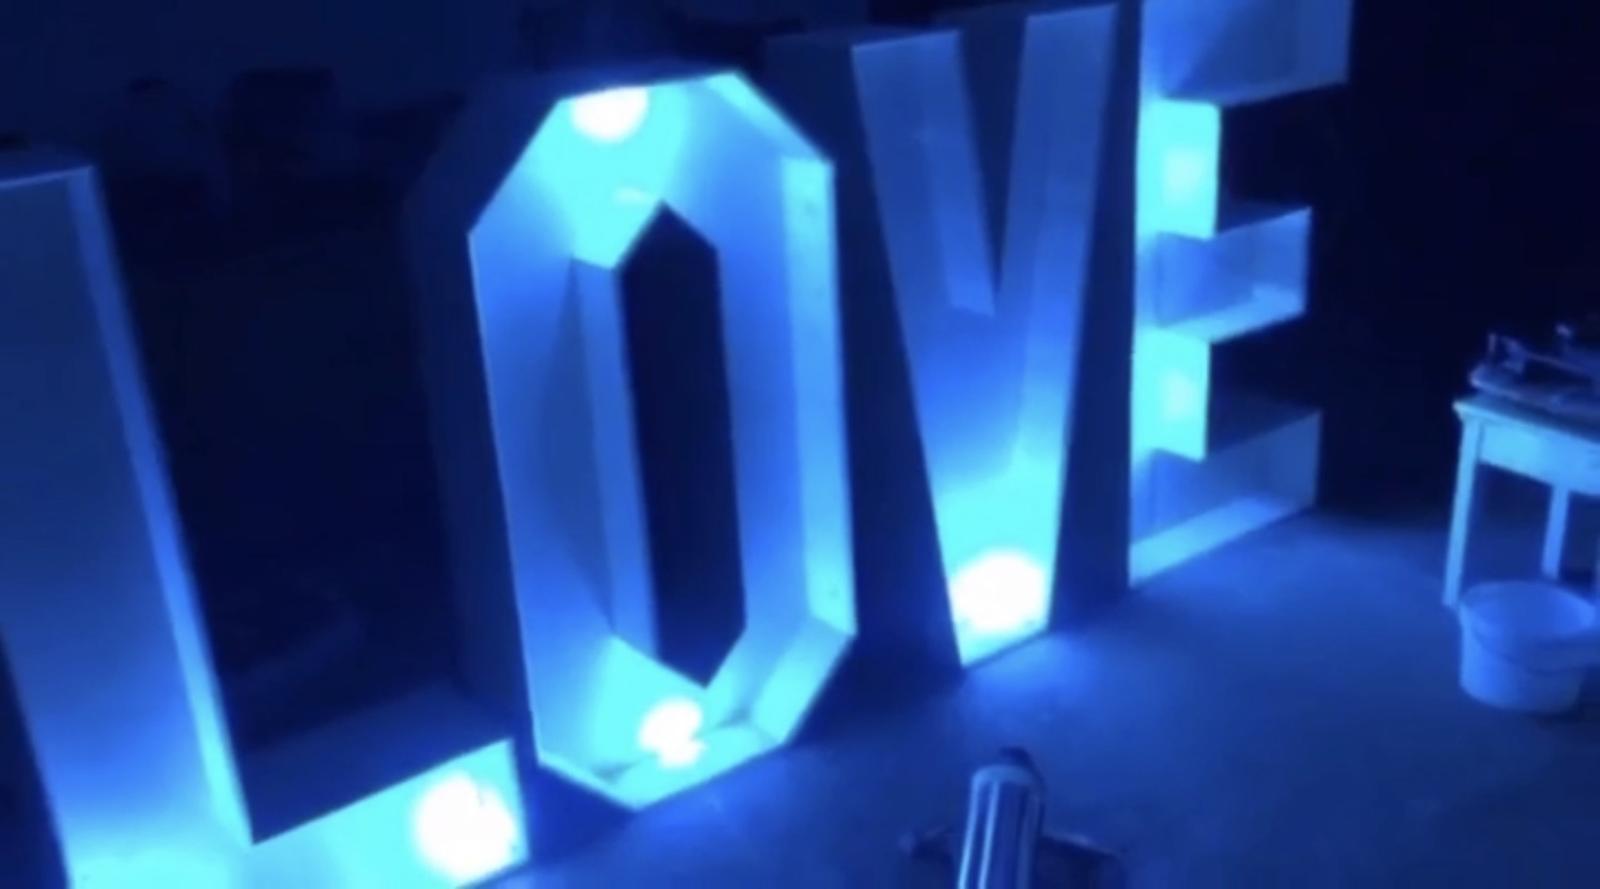 Keď láska žiari... - Obrázok č. 4